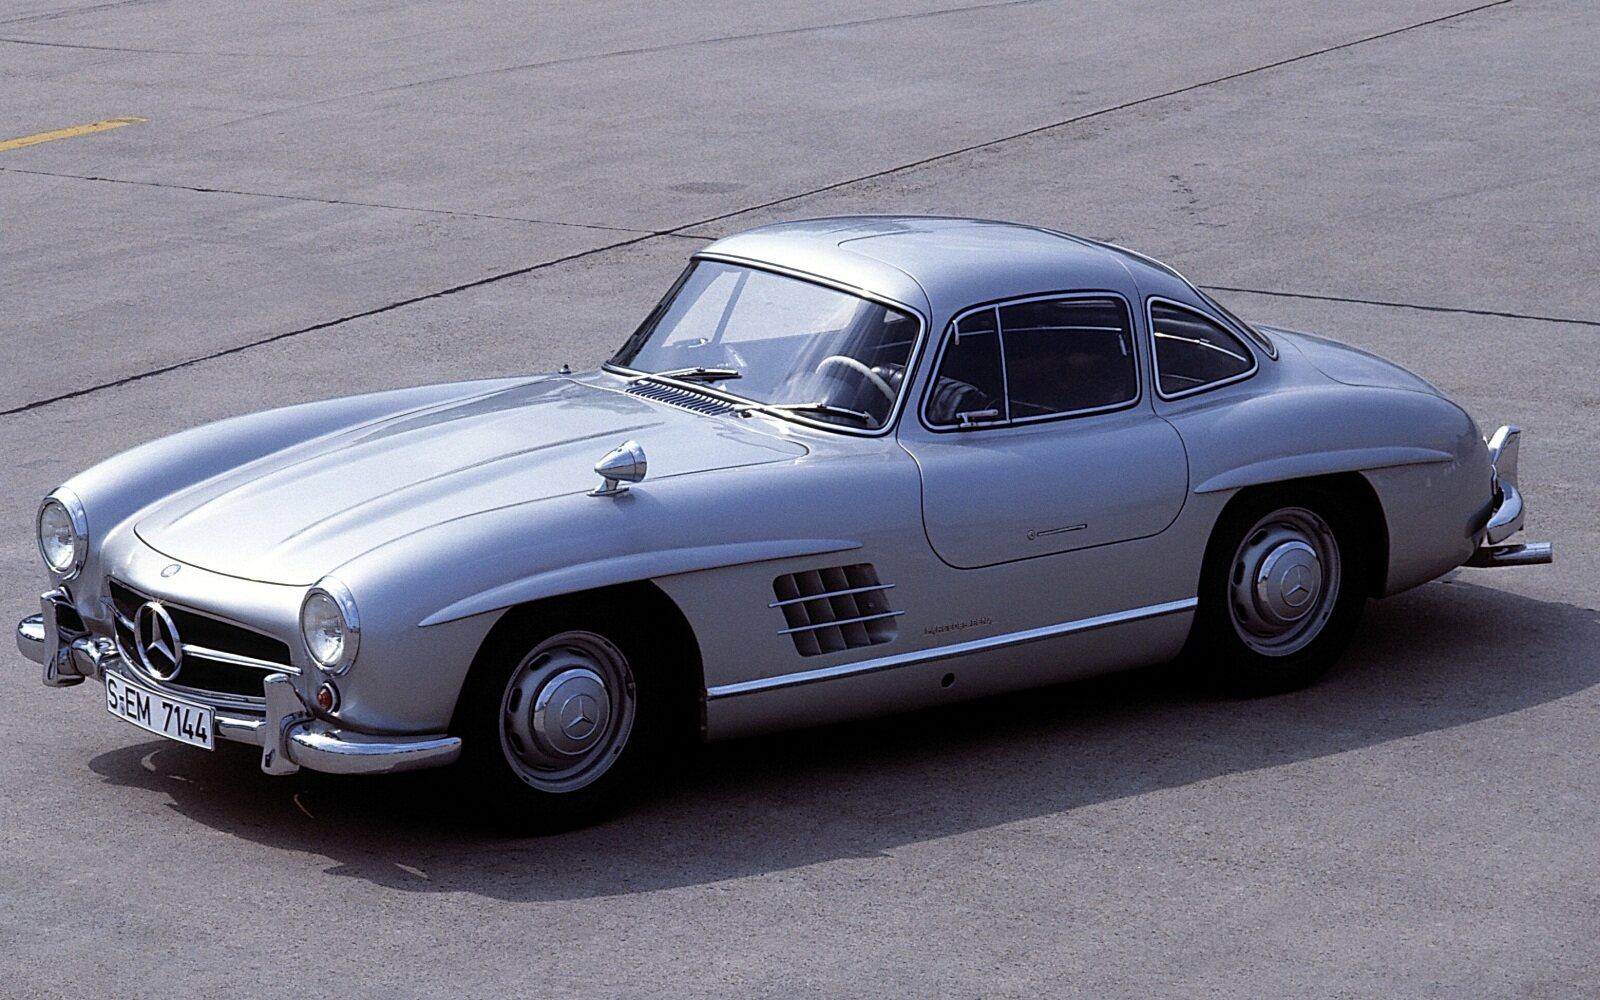 """Som med Ford GT40 kom Mercedes 300SL fra en racerbil suksess i 1952 til en produksjonsbil i 1954. Legendarisk for sine seire, sitt utseende, ytelse og """"måkevingedører"""" eller «gullwing-doors""""."""